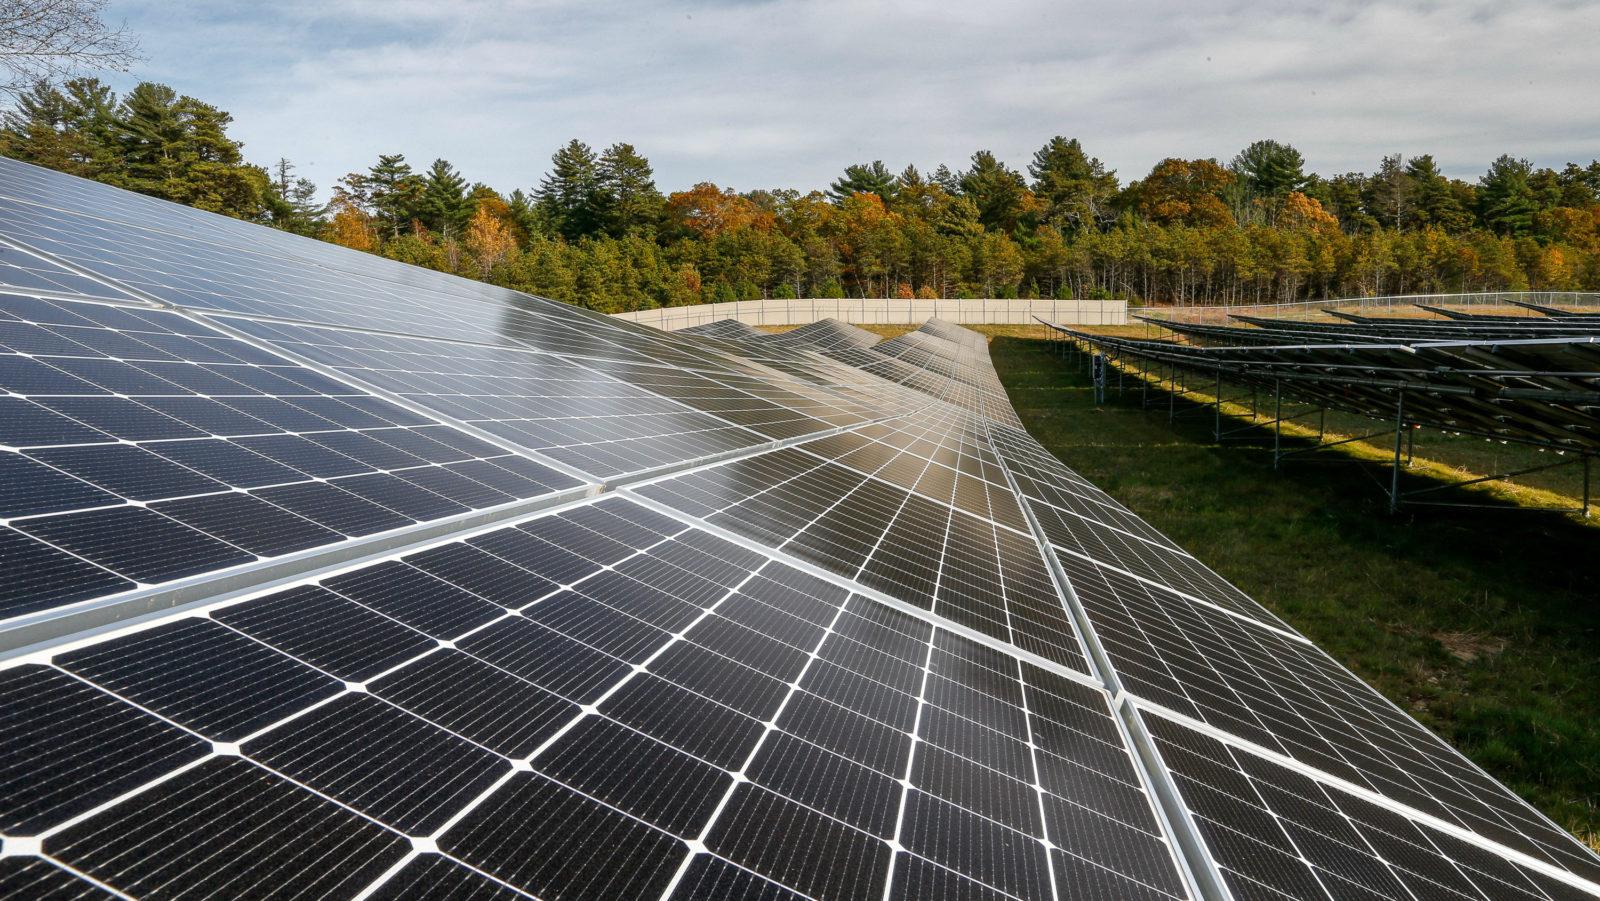 Nautilus Solar Energy Acquires 17.2 MW Community Solar Portfolio From Borrego Solar